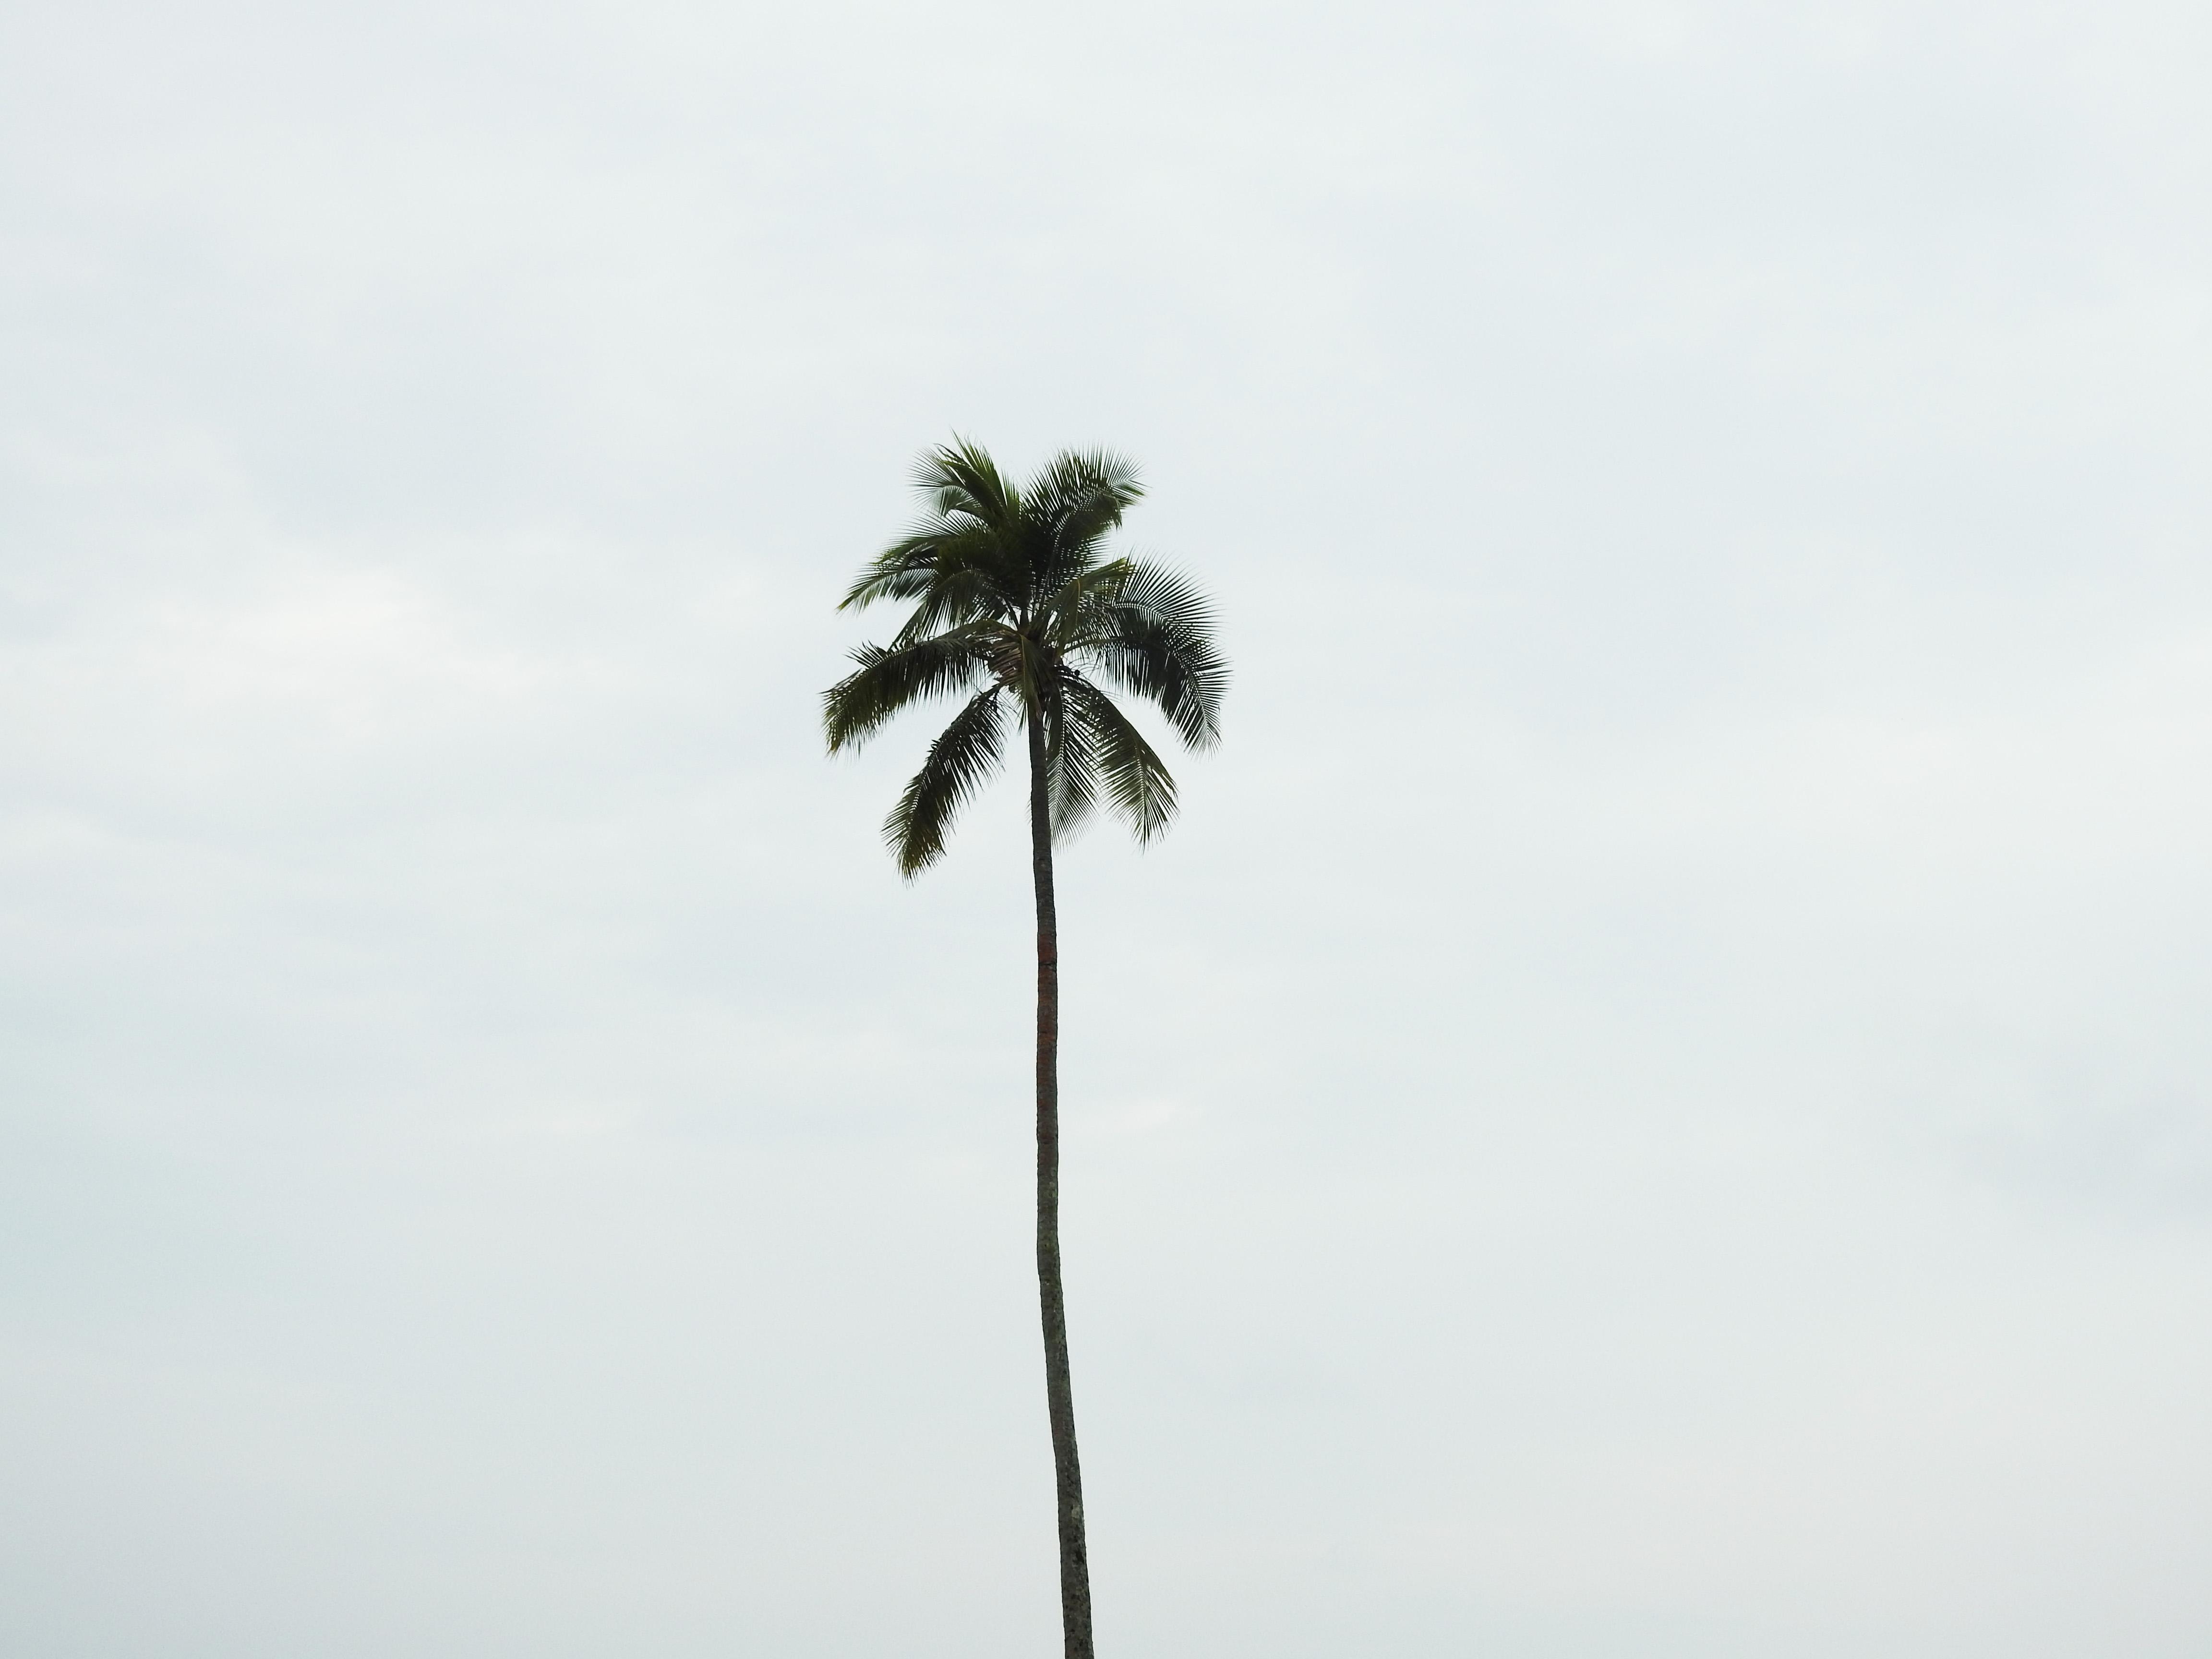 A lone palm